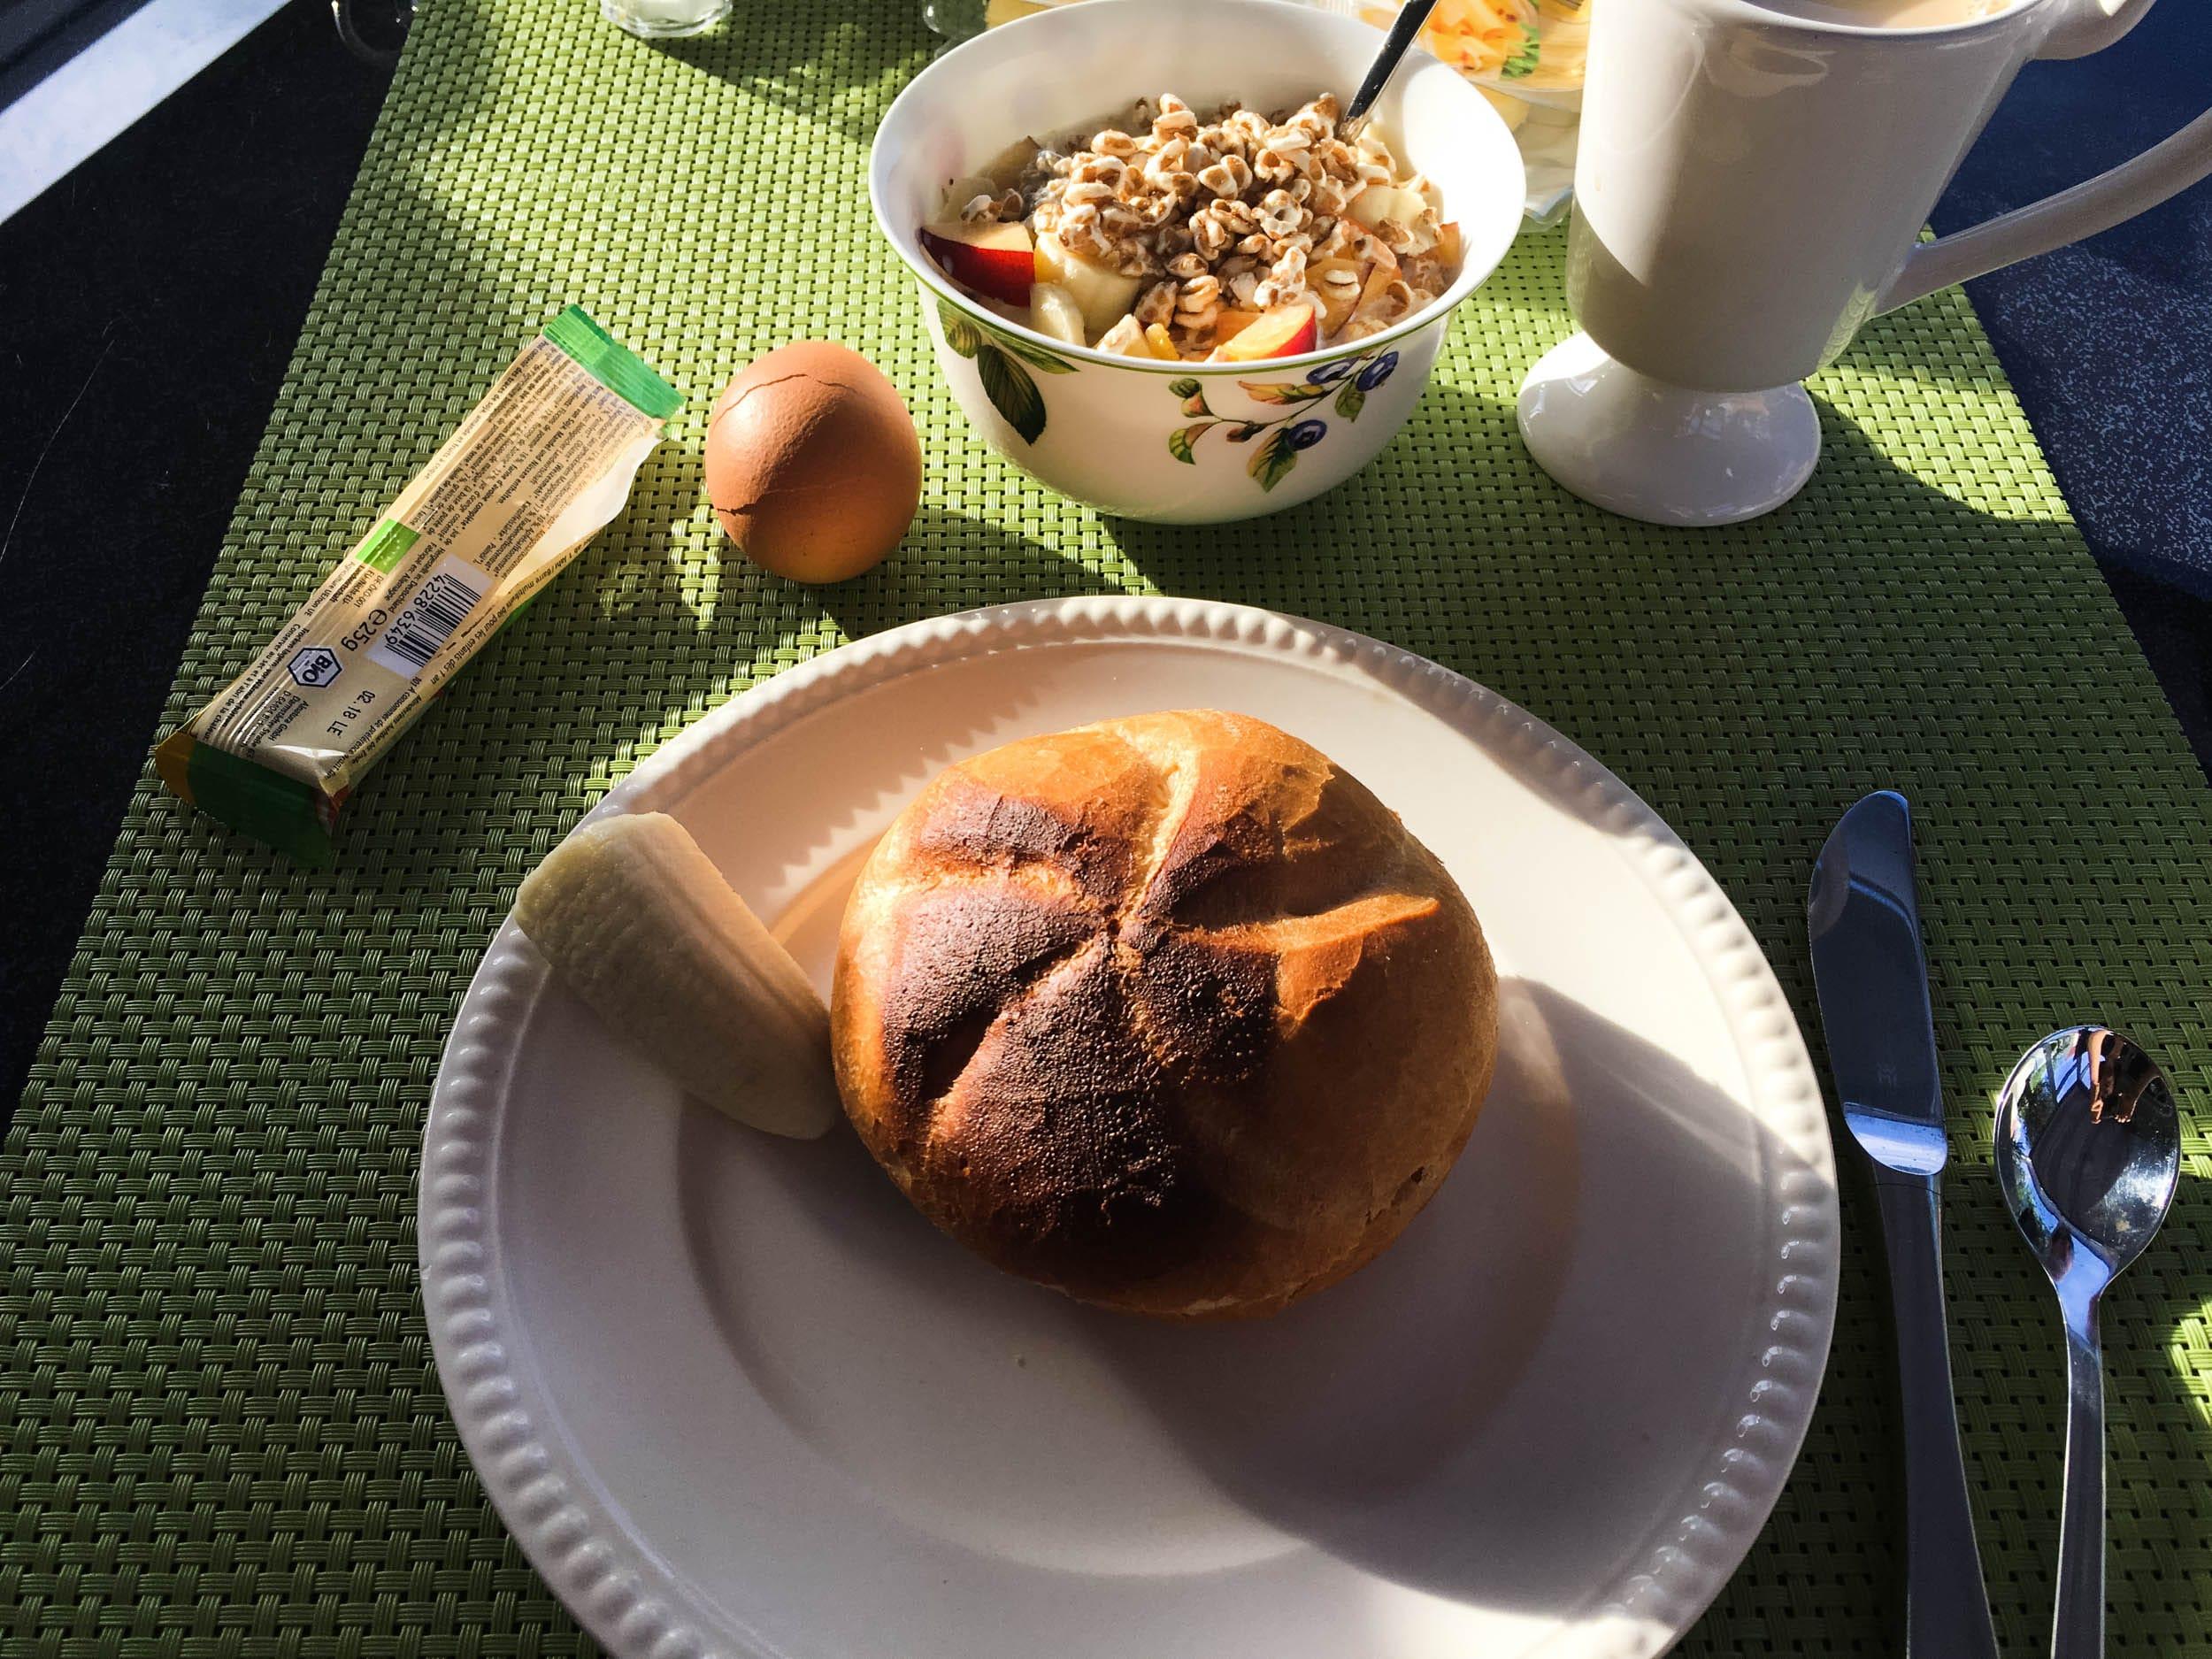 Frühstück auf der Terrasse | ivy.li